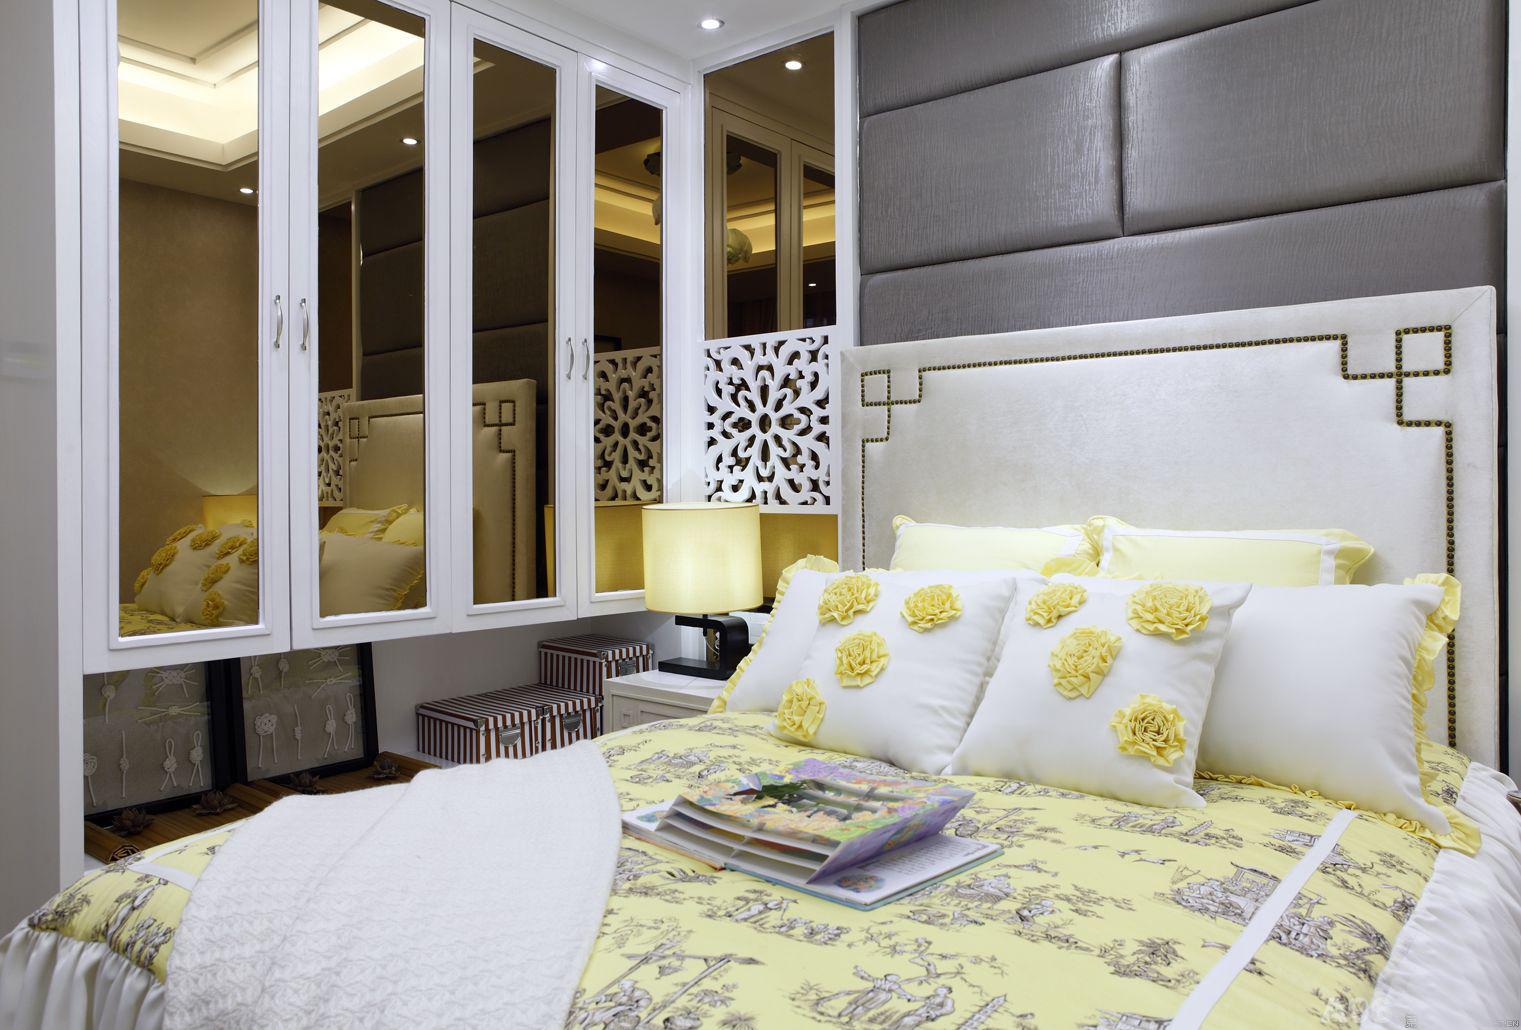 次卧采用黄色主色调设计,鲜亮生动。